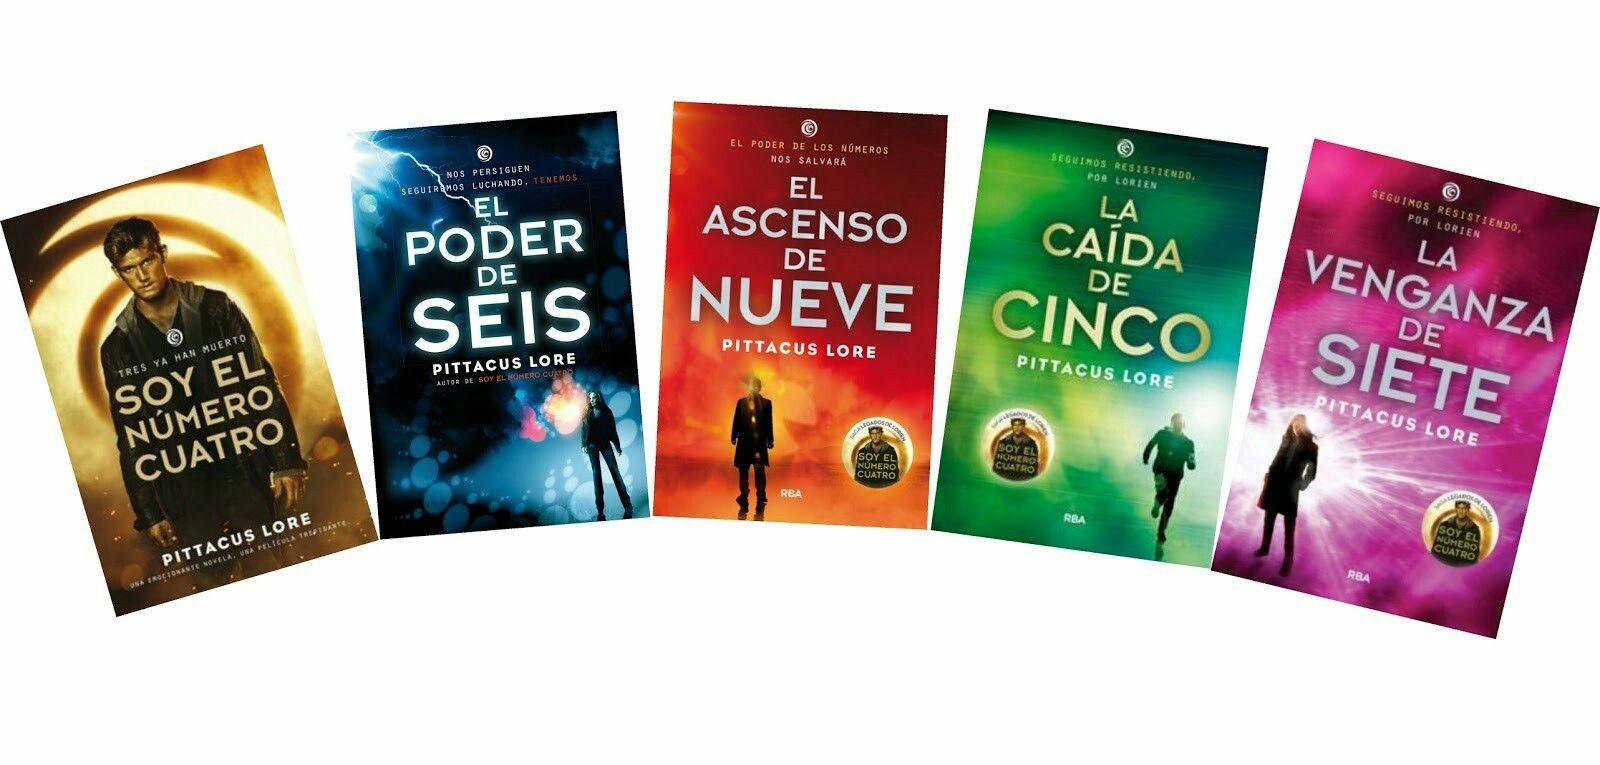 Yo Soy El Numero 4 Soy El Numero Cuatro Libros Para Adolescentes Libros